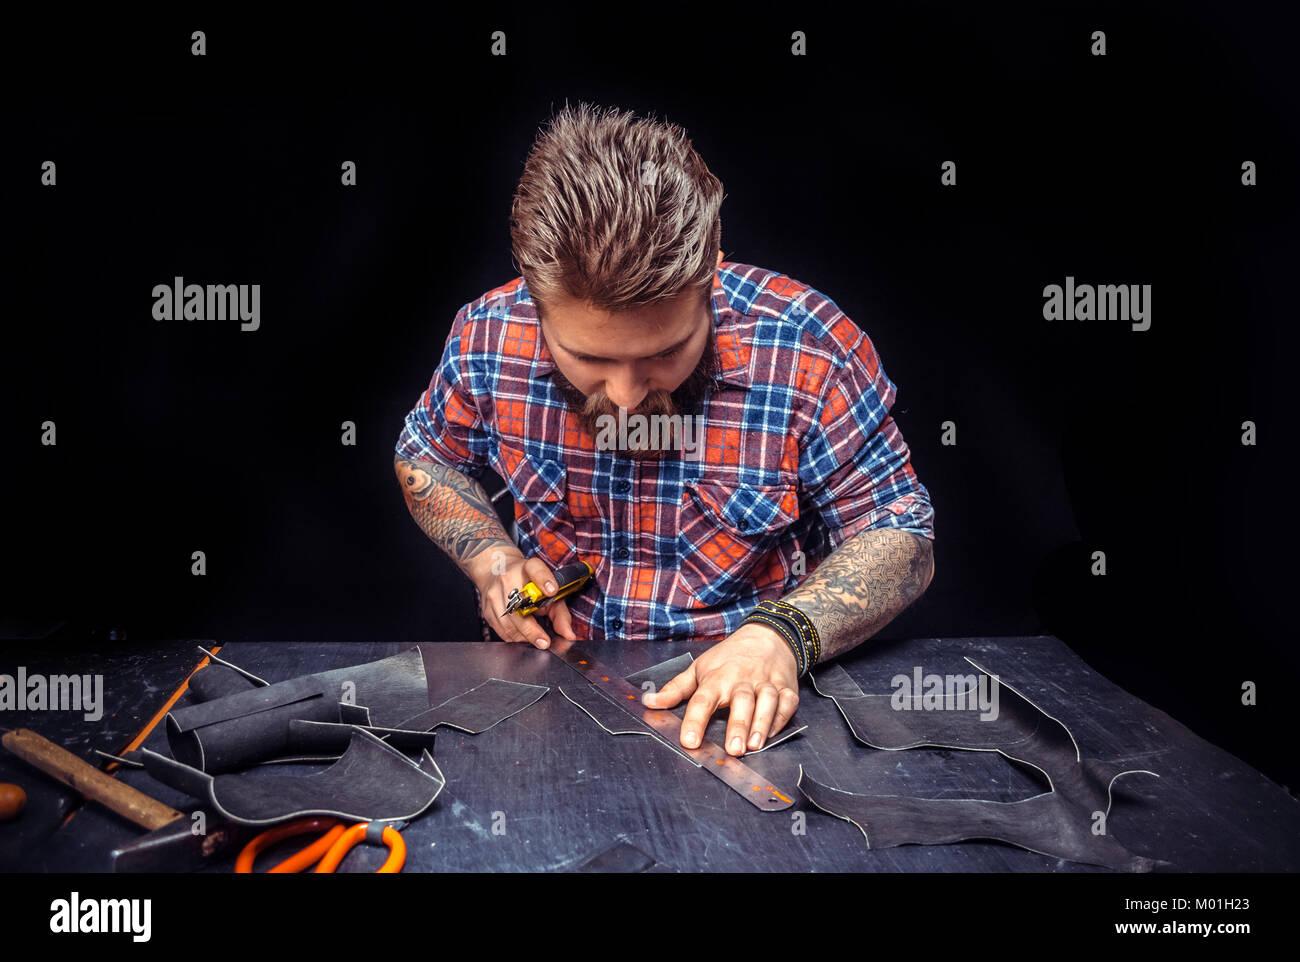 L'accent professionnel en cuir sur son travail à son workshelf./Currier travaille sur un nouveau produit en cuir Banque D'Images